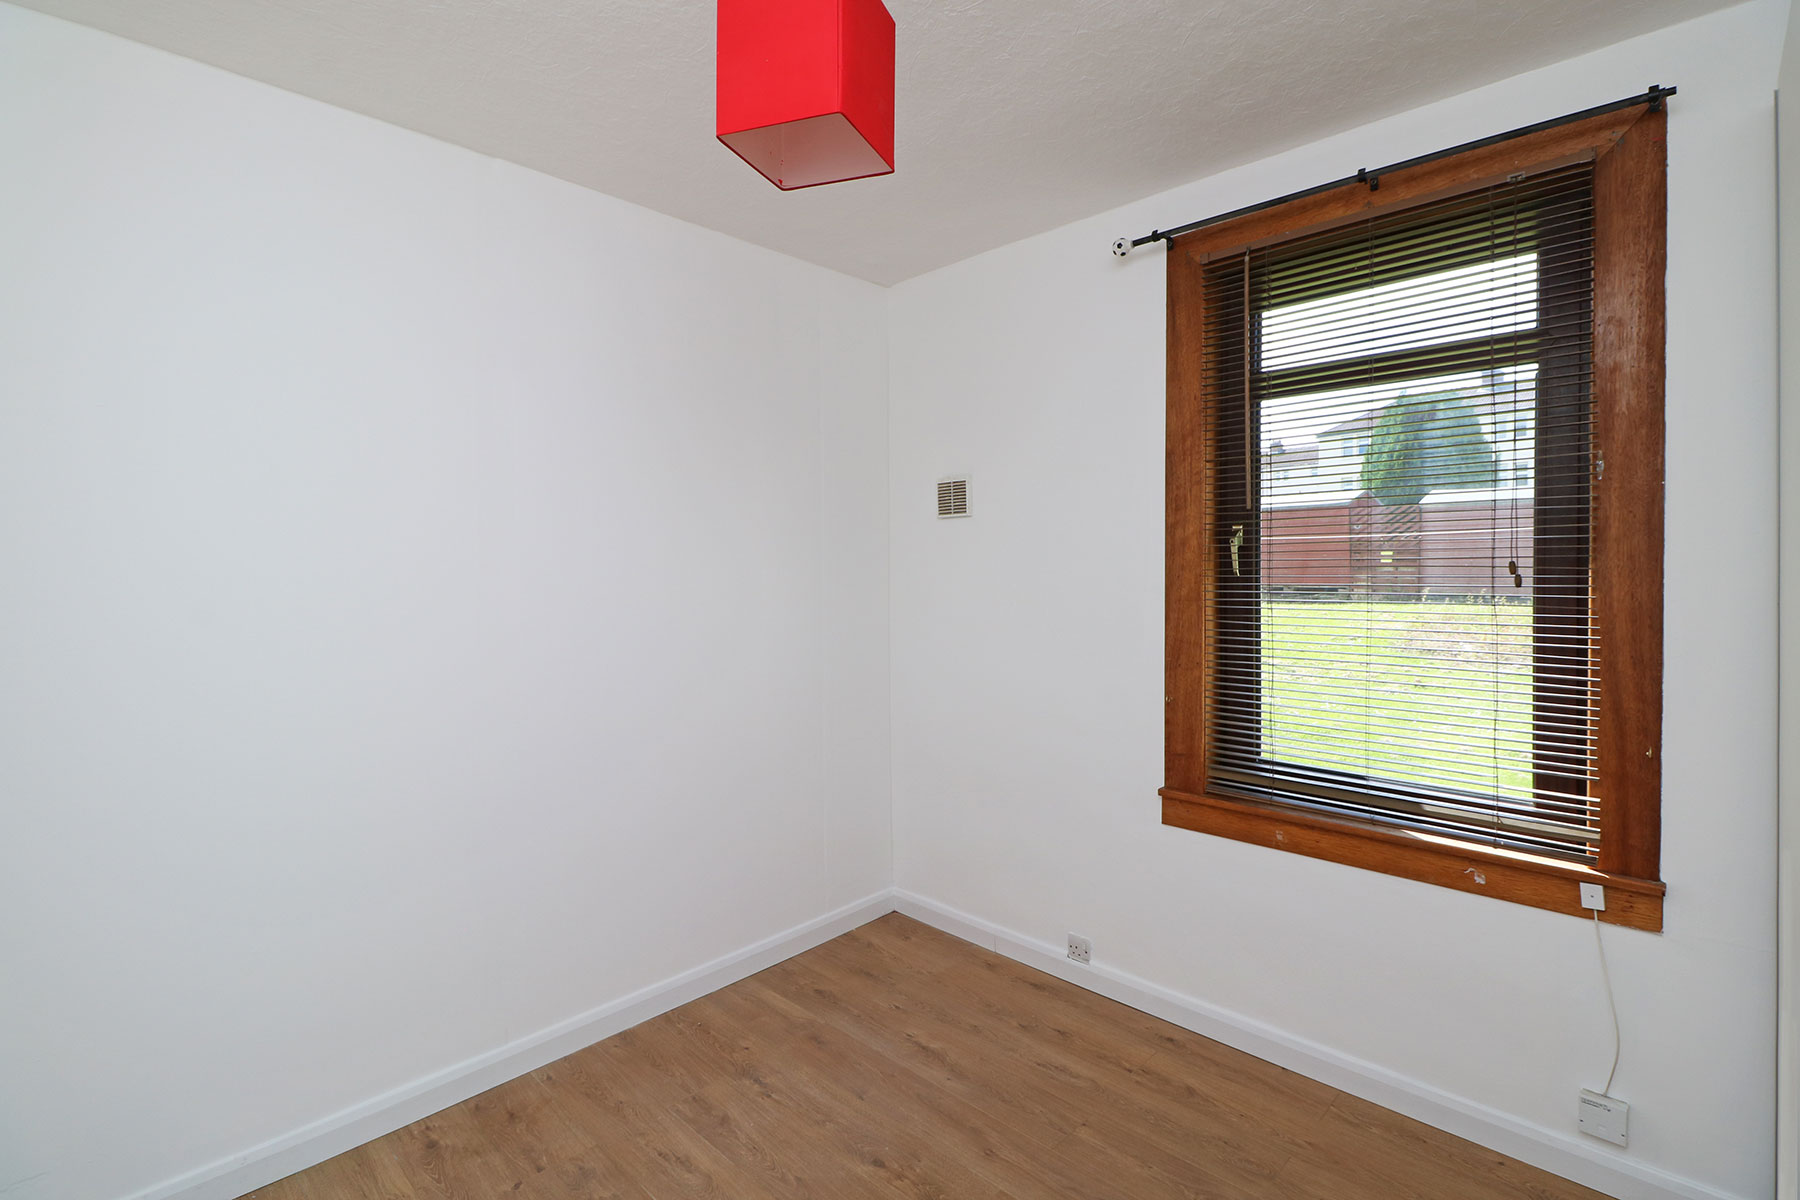 kerrsview-terrace-bedroom-2.2.jpg